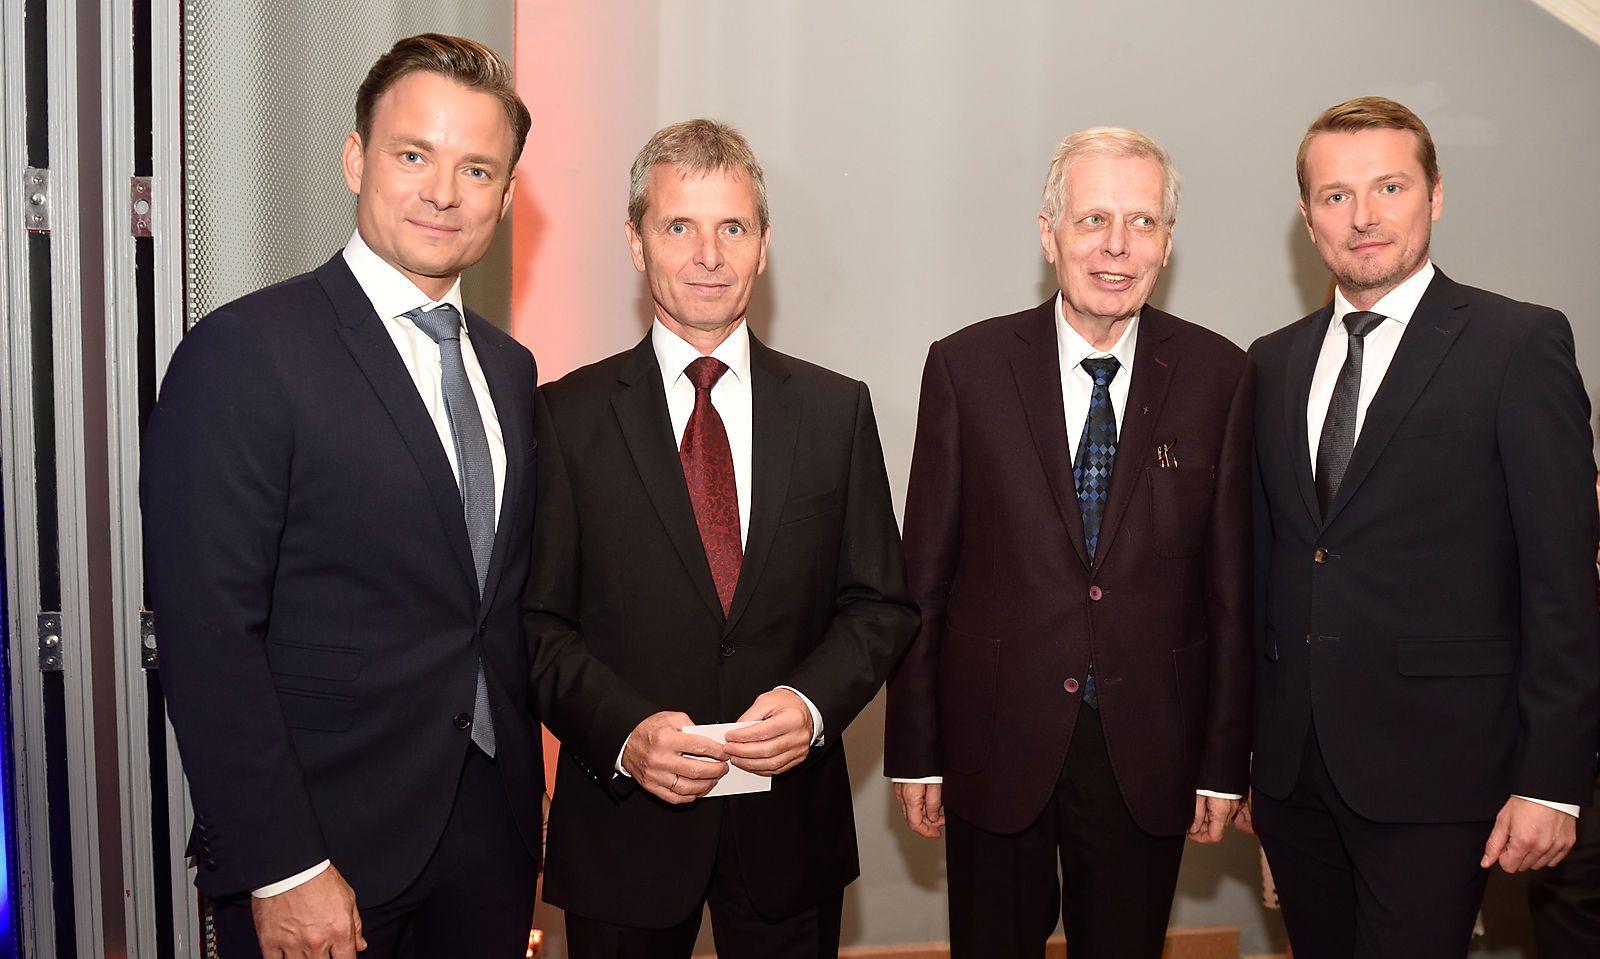 """Die """"Presse""""-Geschäftsführer Rudolf Schwarz (links) und Herwig Langanger (rechts) mit Friedrich Santner (Mitte links), dem Aufsichtsratsvorsitzenden der Styria Media Group, und Stiftungsvorstand Johann Trummer (Mitte rechts)."""